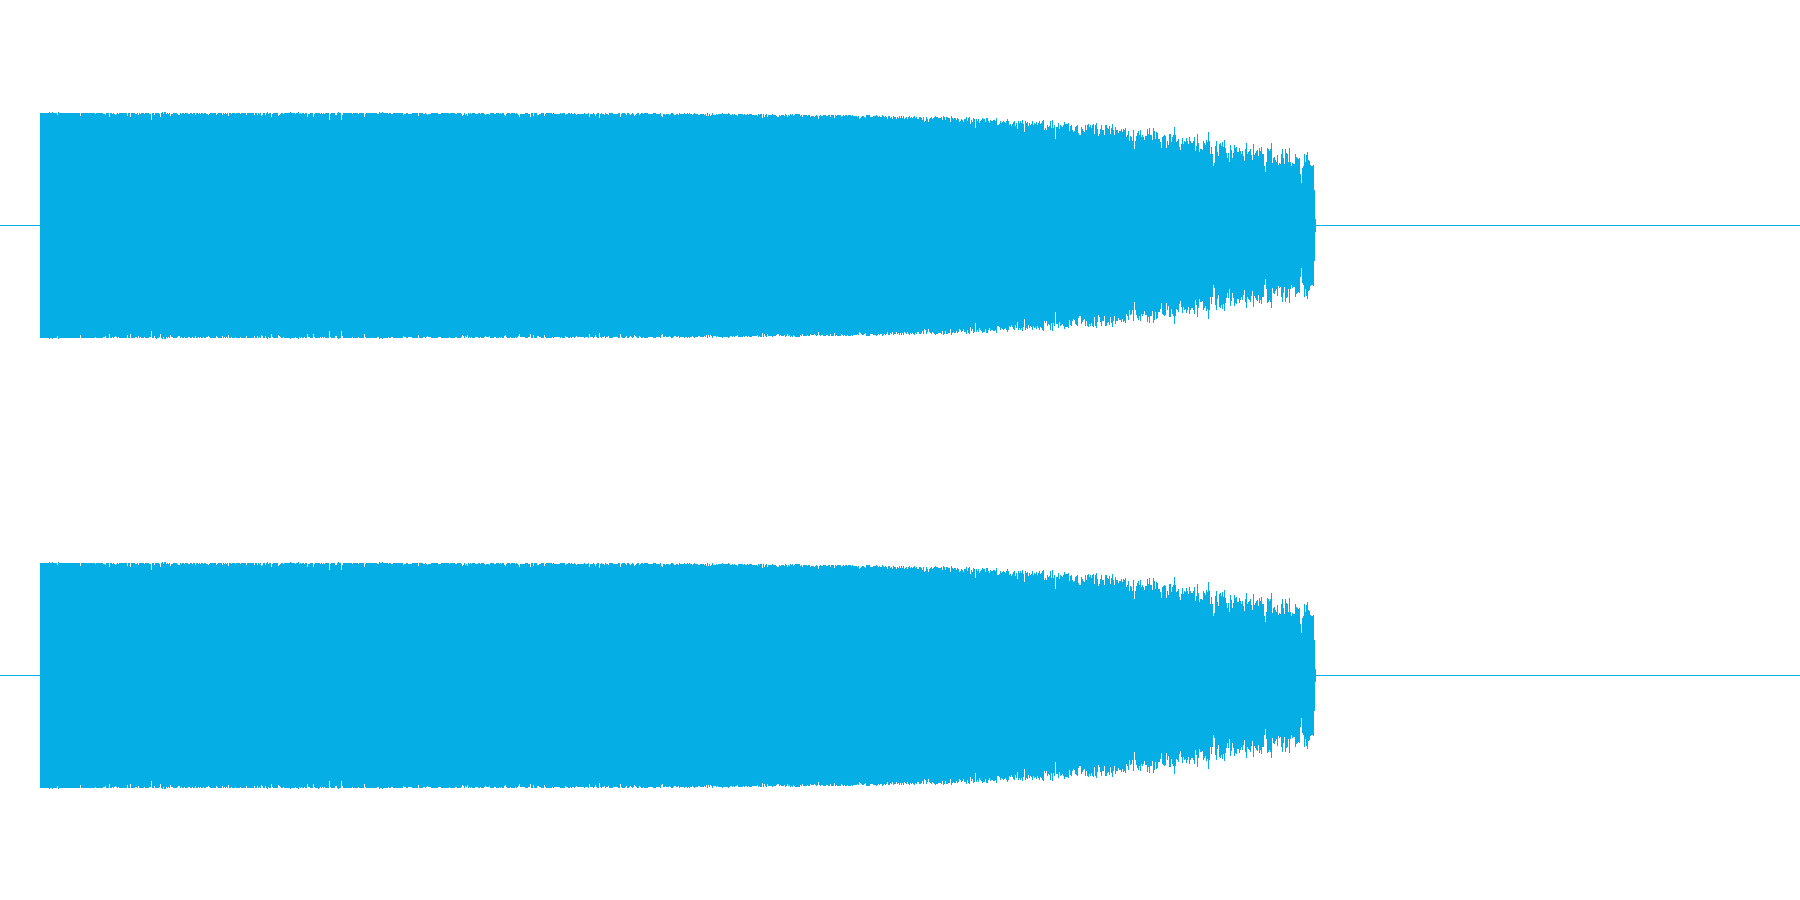 ロボット足音 タイプ6の再生済みの波形